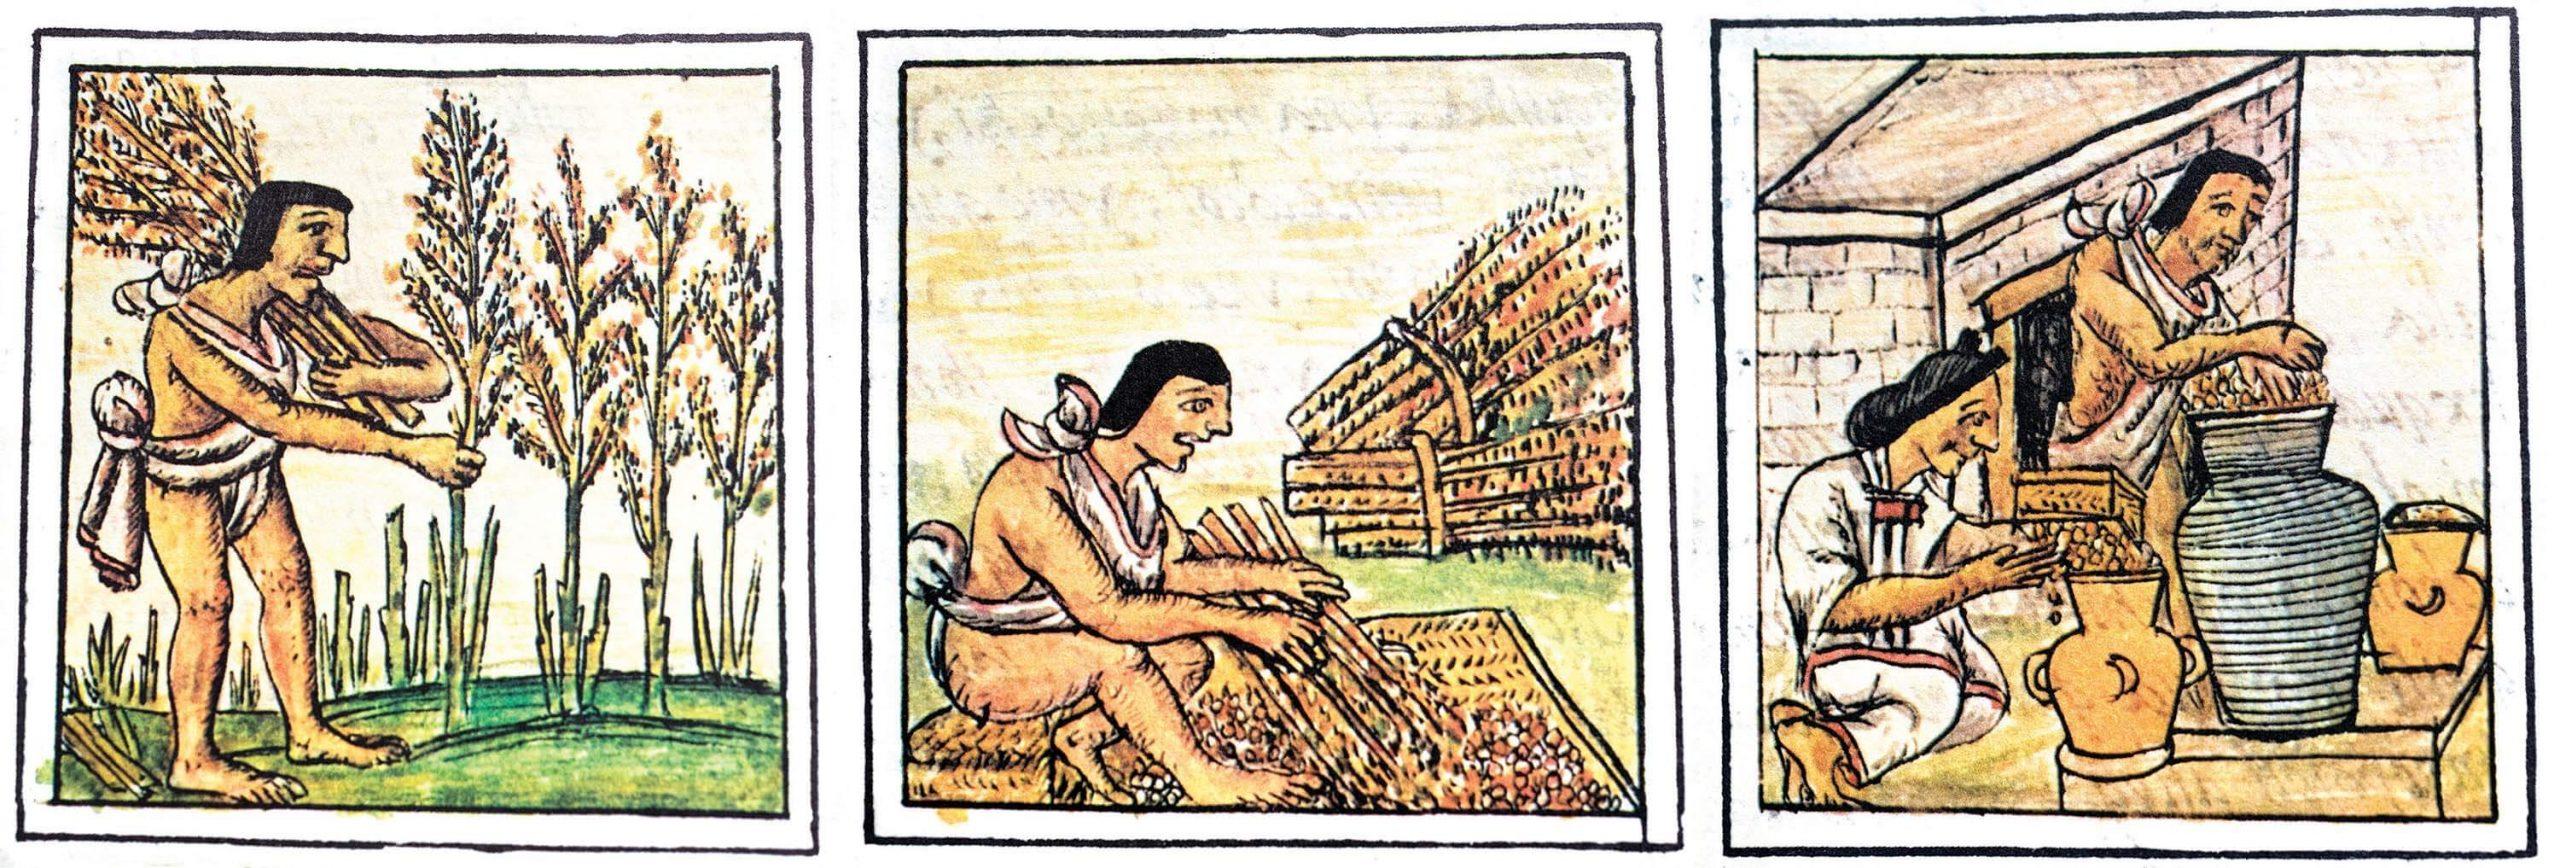 En el México prehispánico el amaranto fue uno de los principales cultivos, y se empleaba tanto para el sustento diario como para ceremonias y rituales. De nombre huauhtli en náhuatl, ahparie en purépecha, tez o xtes en maya, wa've para los wixáricas o guegui en rarámuri, esta planta ha sido utilizada durante muchas generaciones por los pueblos originarios. Ilustraciones del Códice Mendocino.